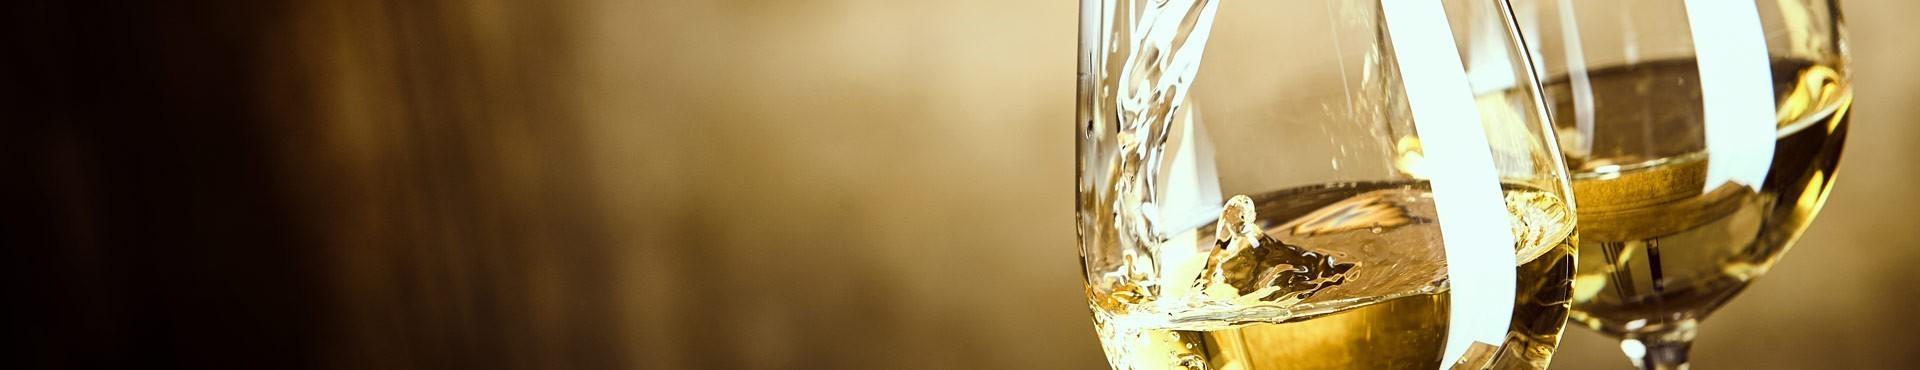 Nos vins blancs d'Alsace - OnWine